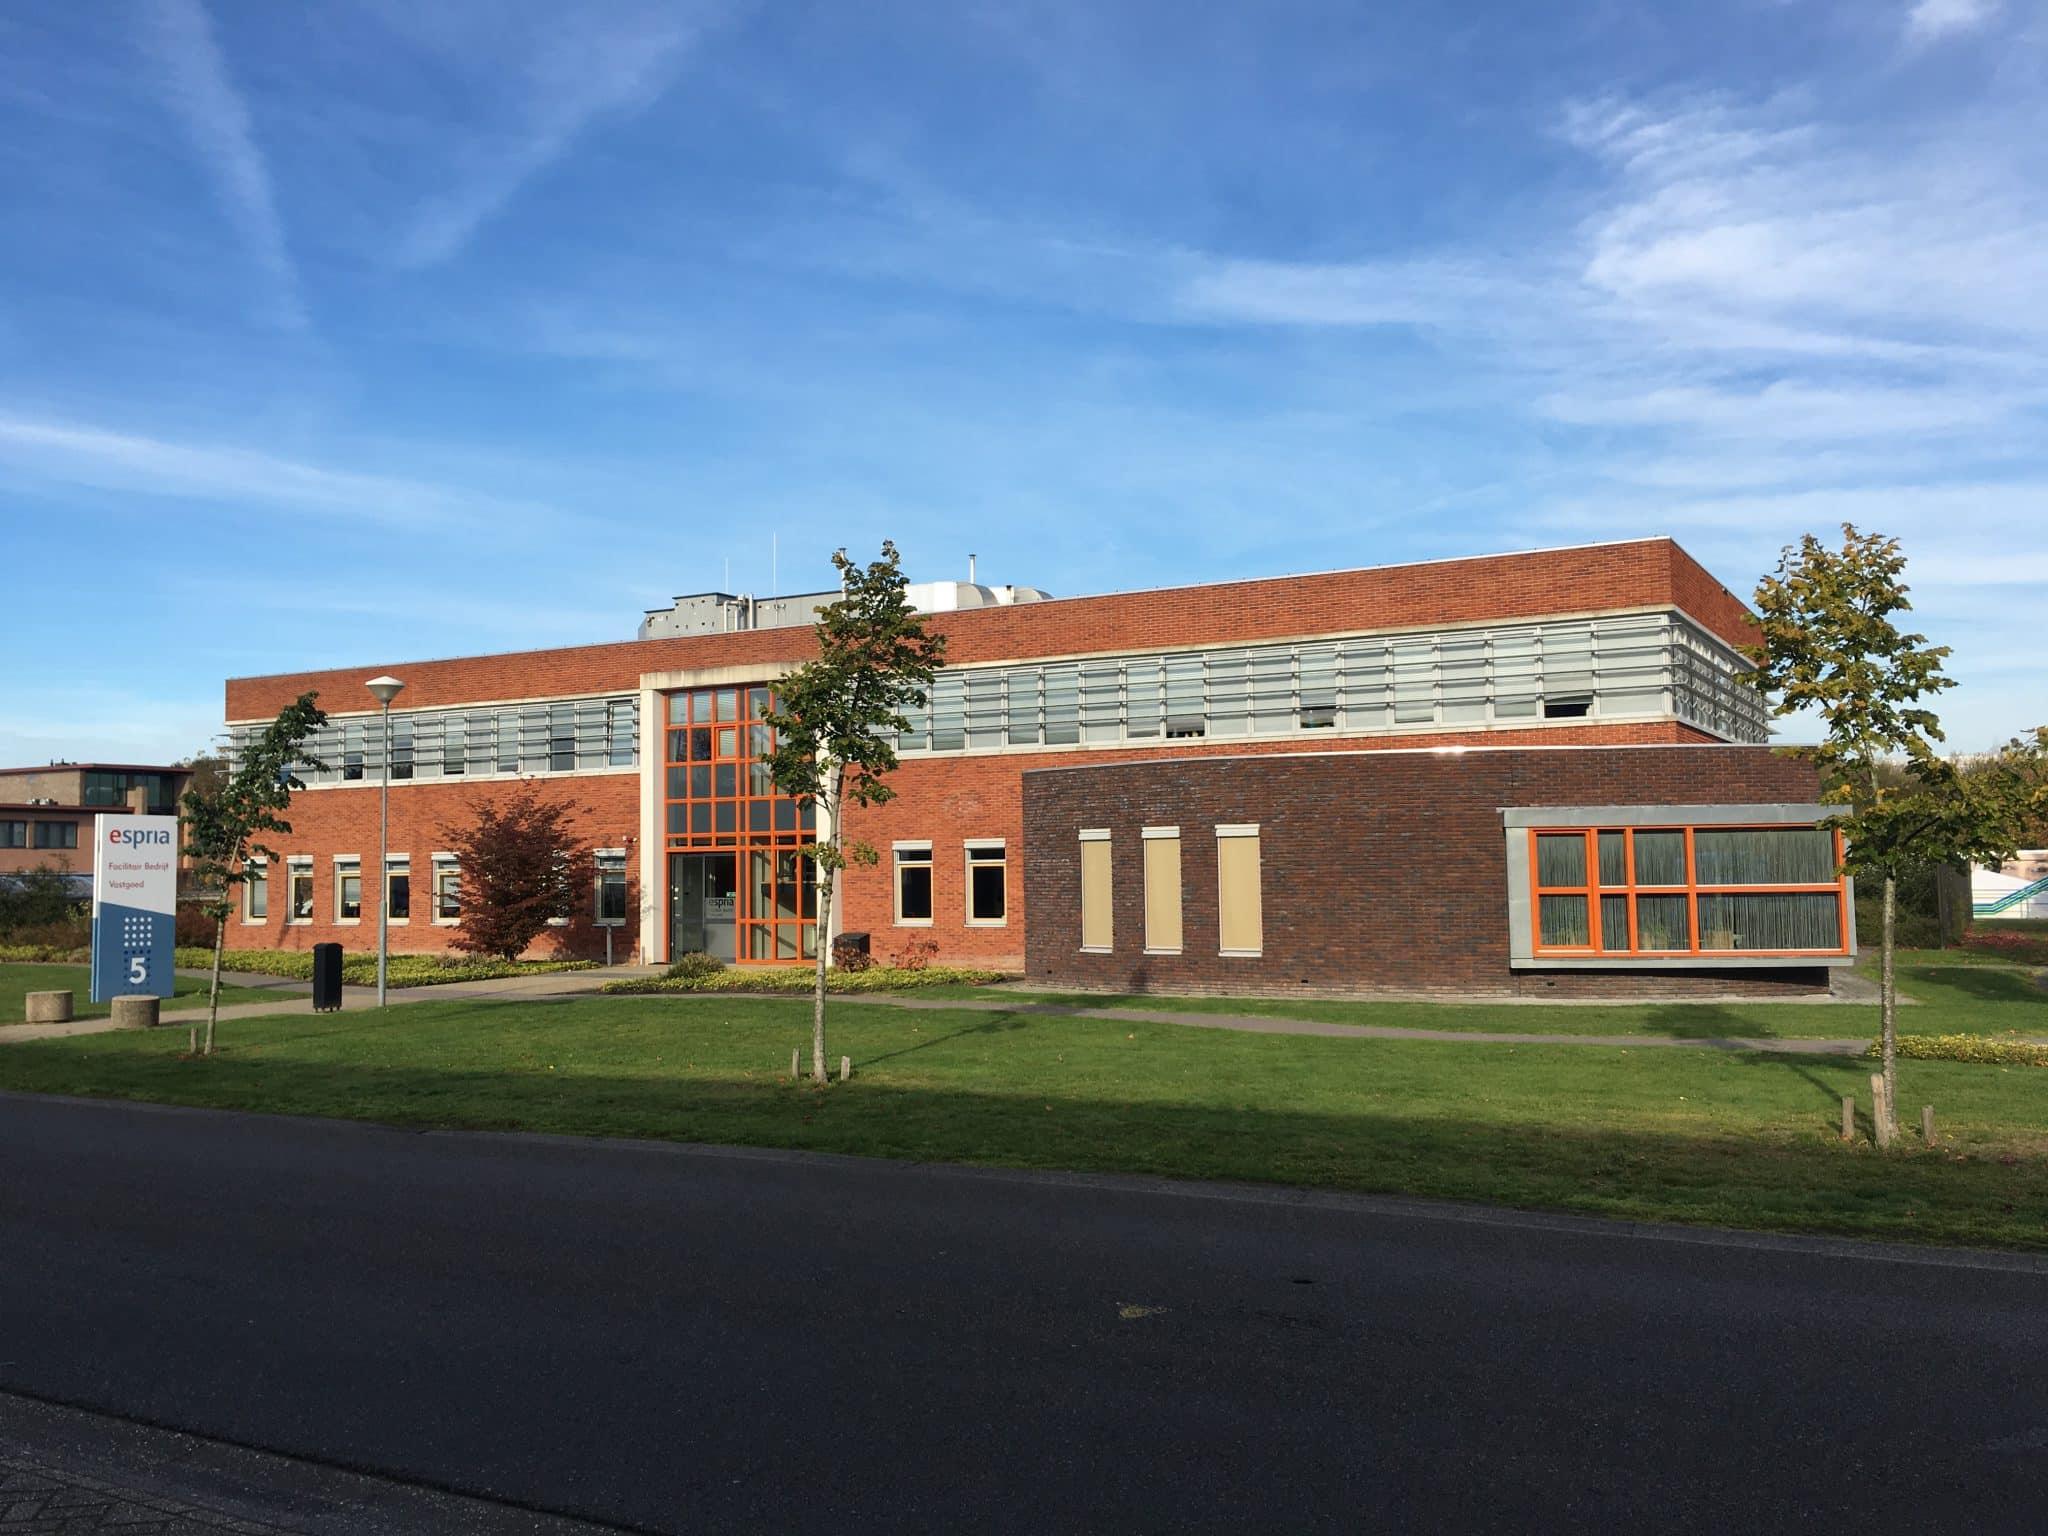 Energielabel voor Espria/GGD Drenthe locatie Assen